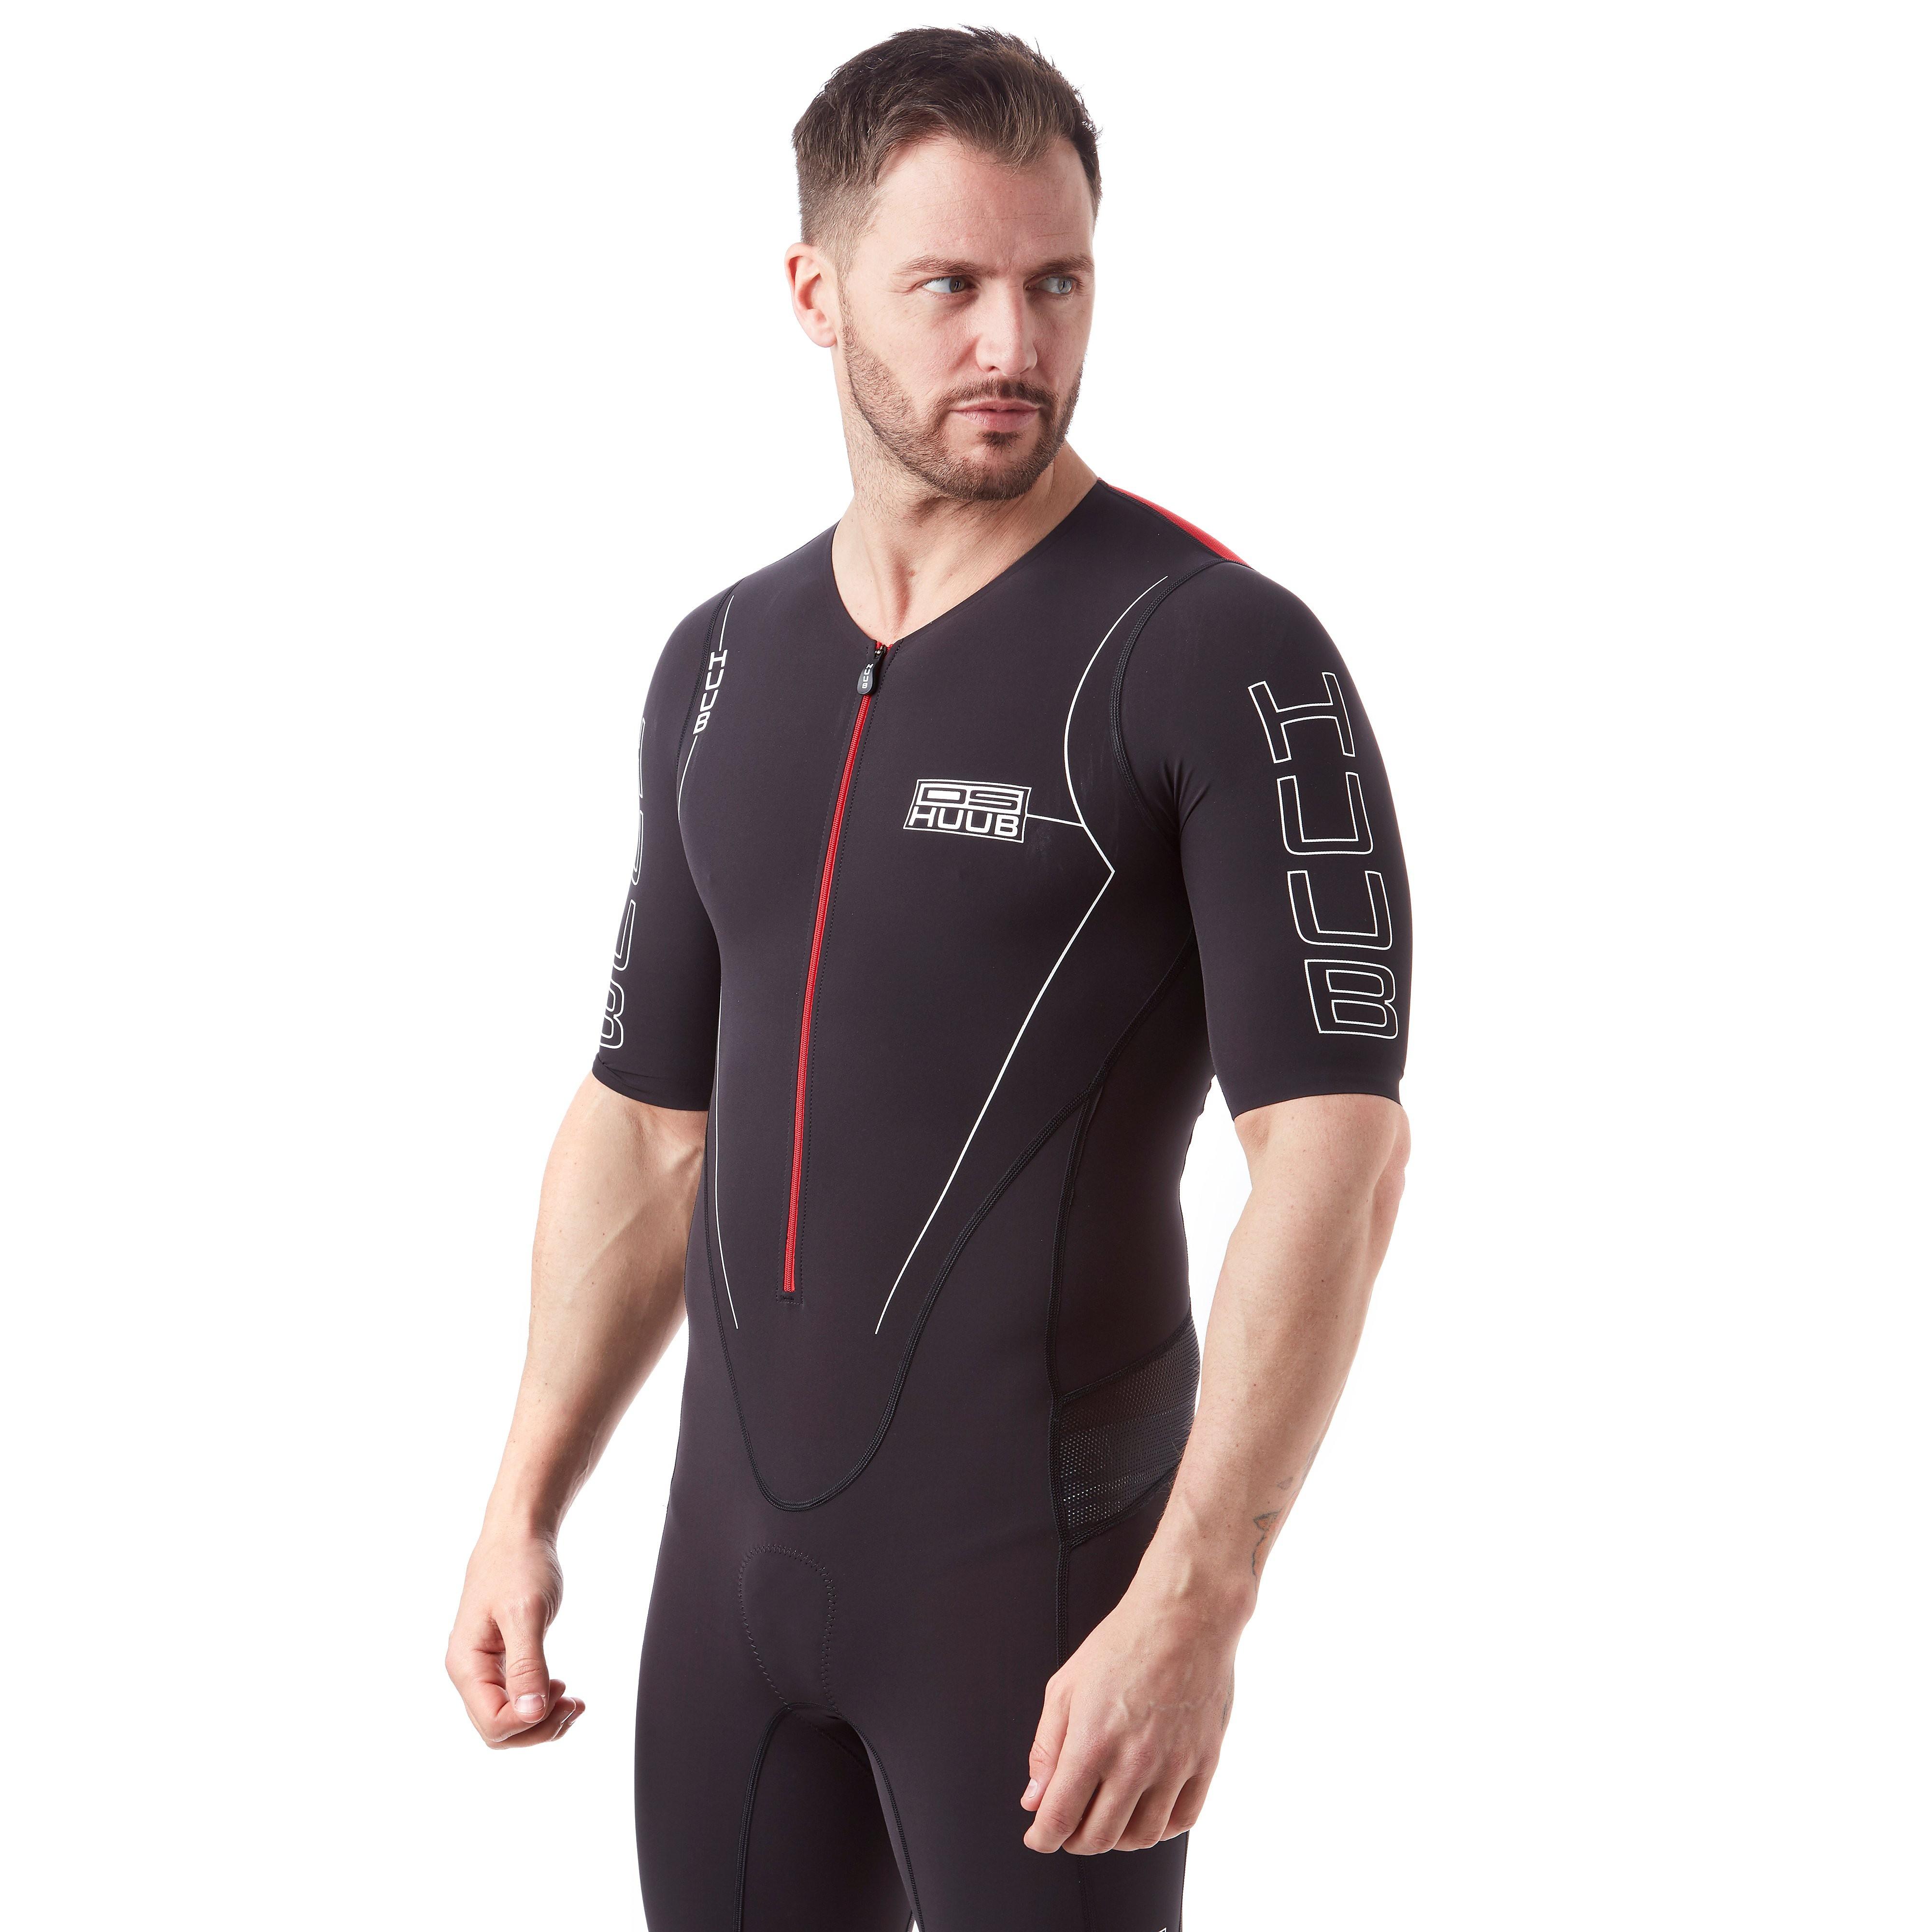 Huub Long Course Triathlon Men's Trisuit